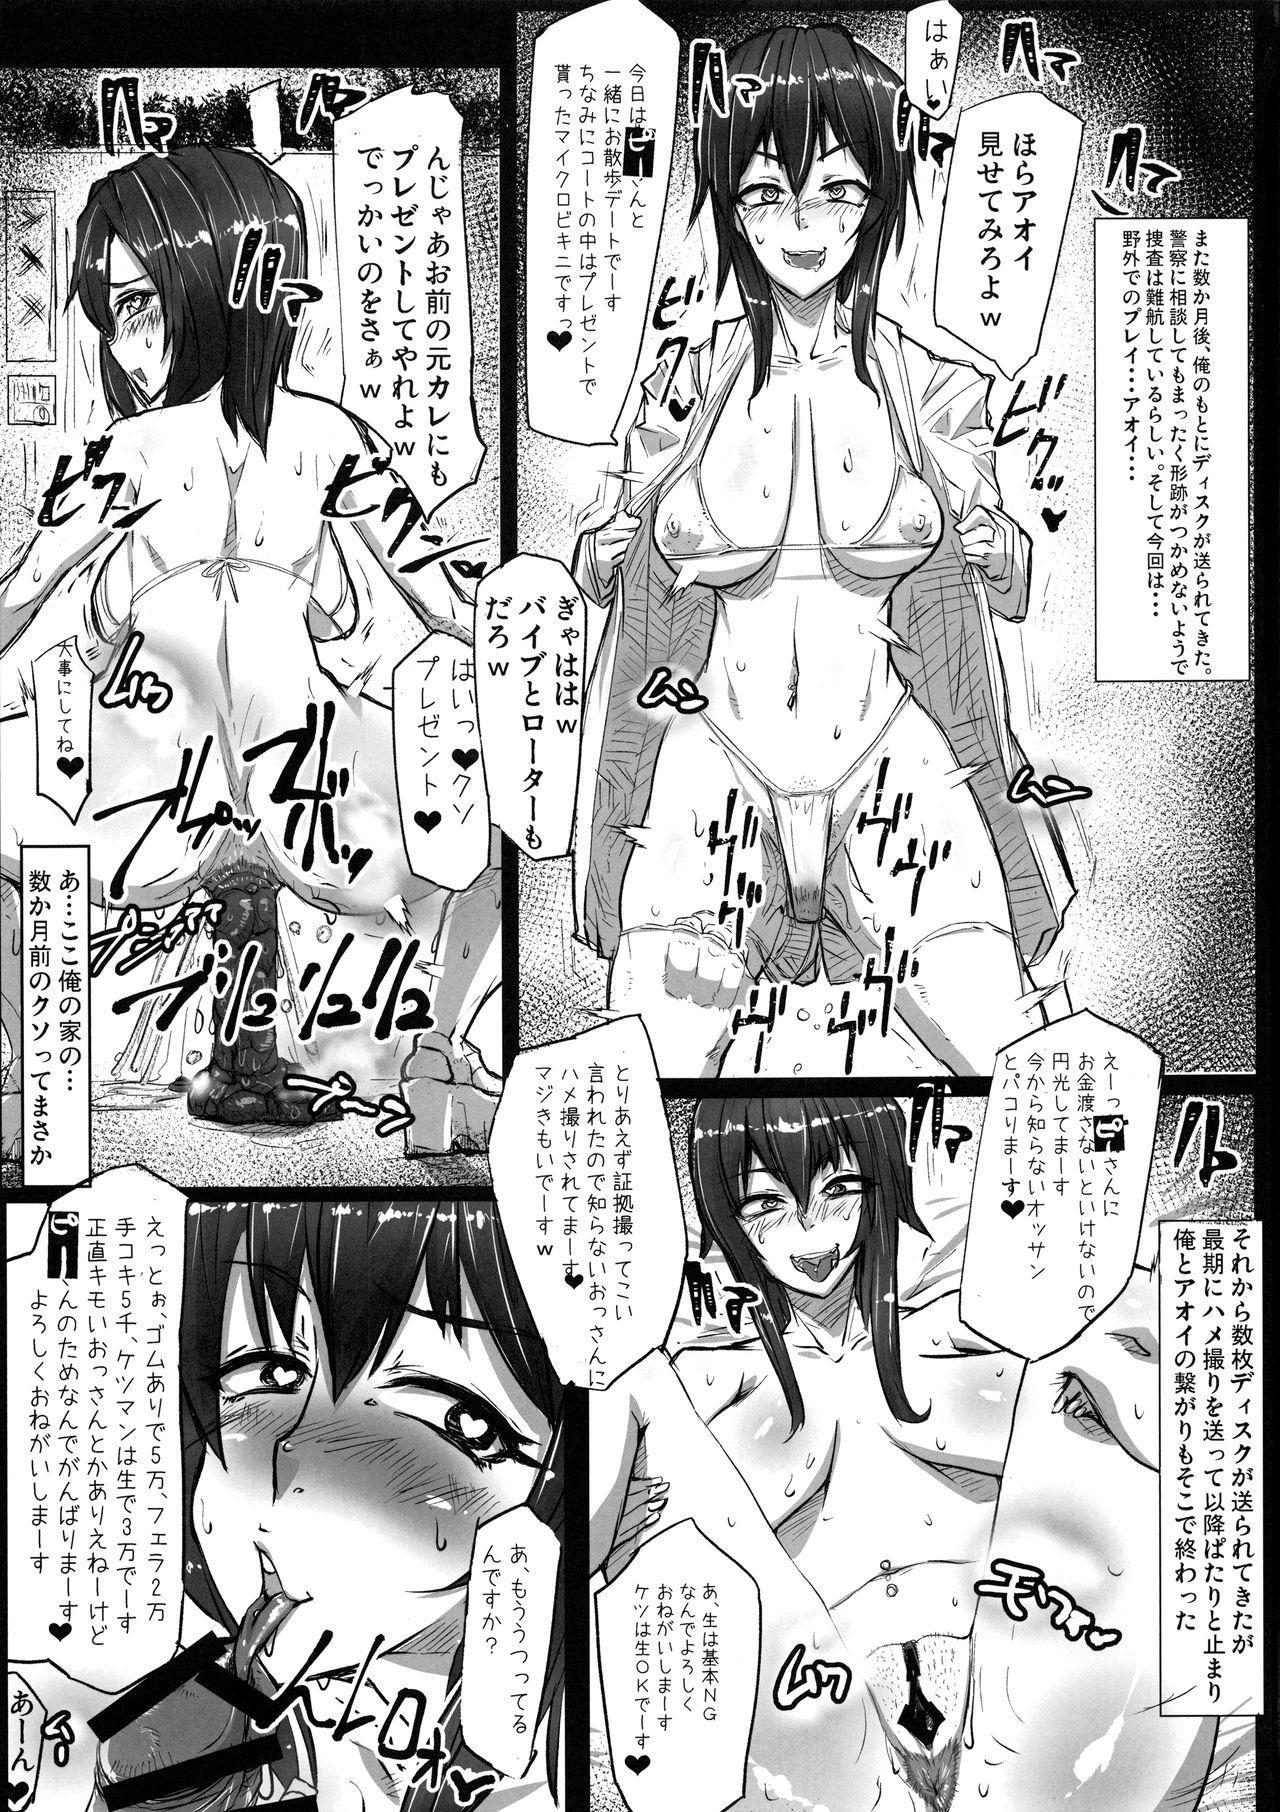 Kuroteki!! Before After 5